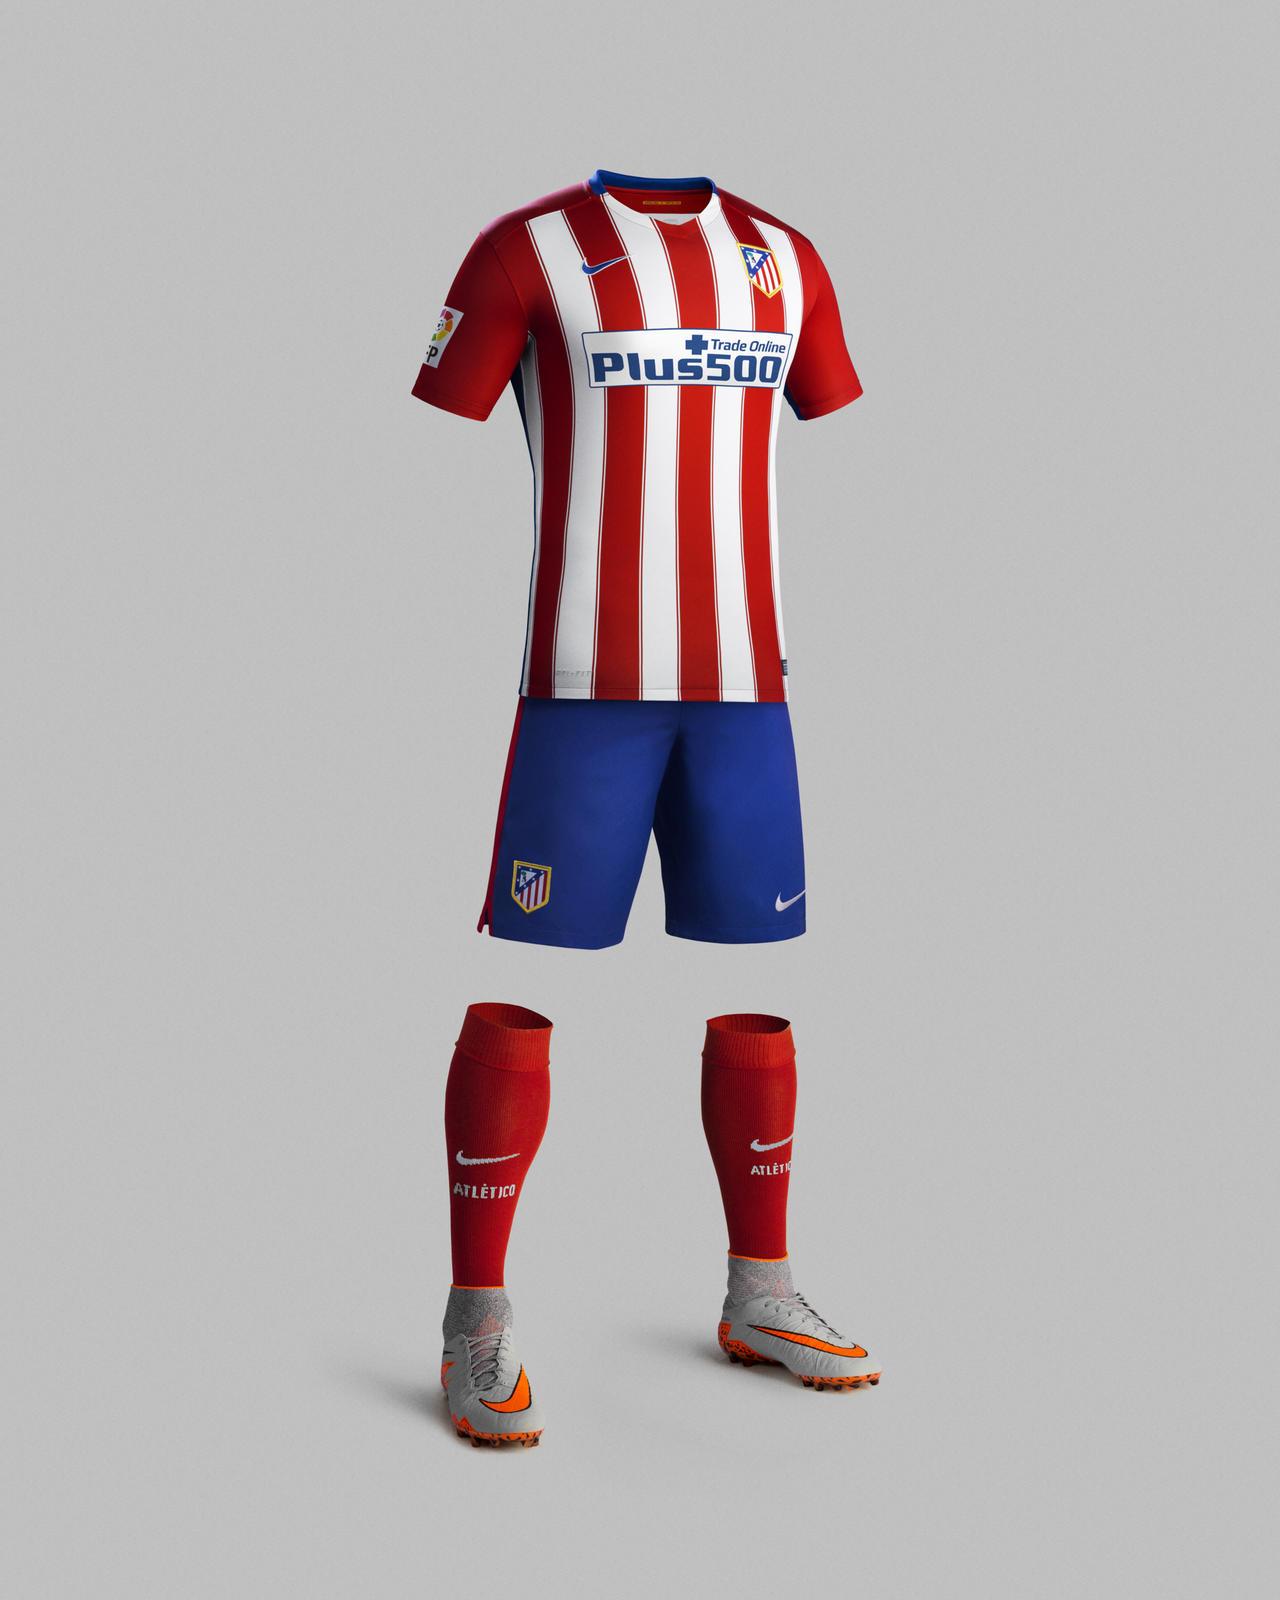 Conoce el nuevo uniforme del Atlético de Madrid y del Mónaco ... aa79c8a1d62ef